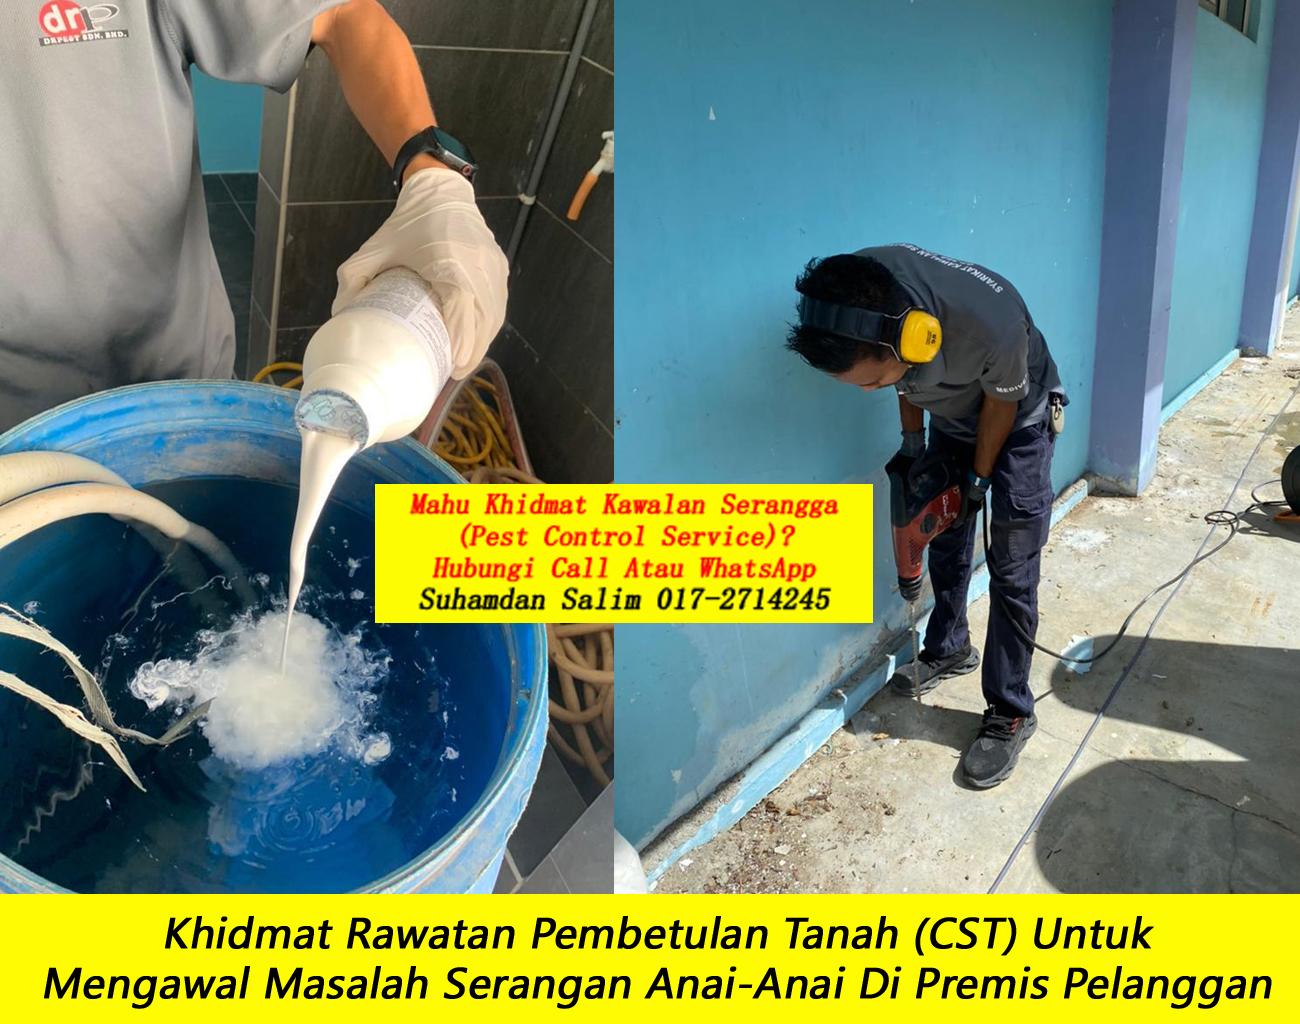 khidmat rawatan dan pencegahan masalah anai anai di Bukit Kiara kl oleh syarikat kawalan serangga company pest control kawalan anai anai yang berkesan terbaik di felda